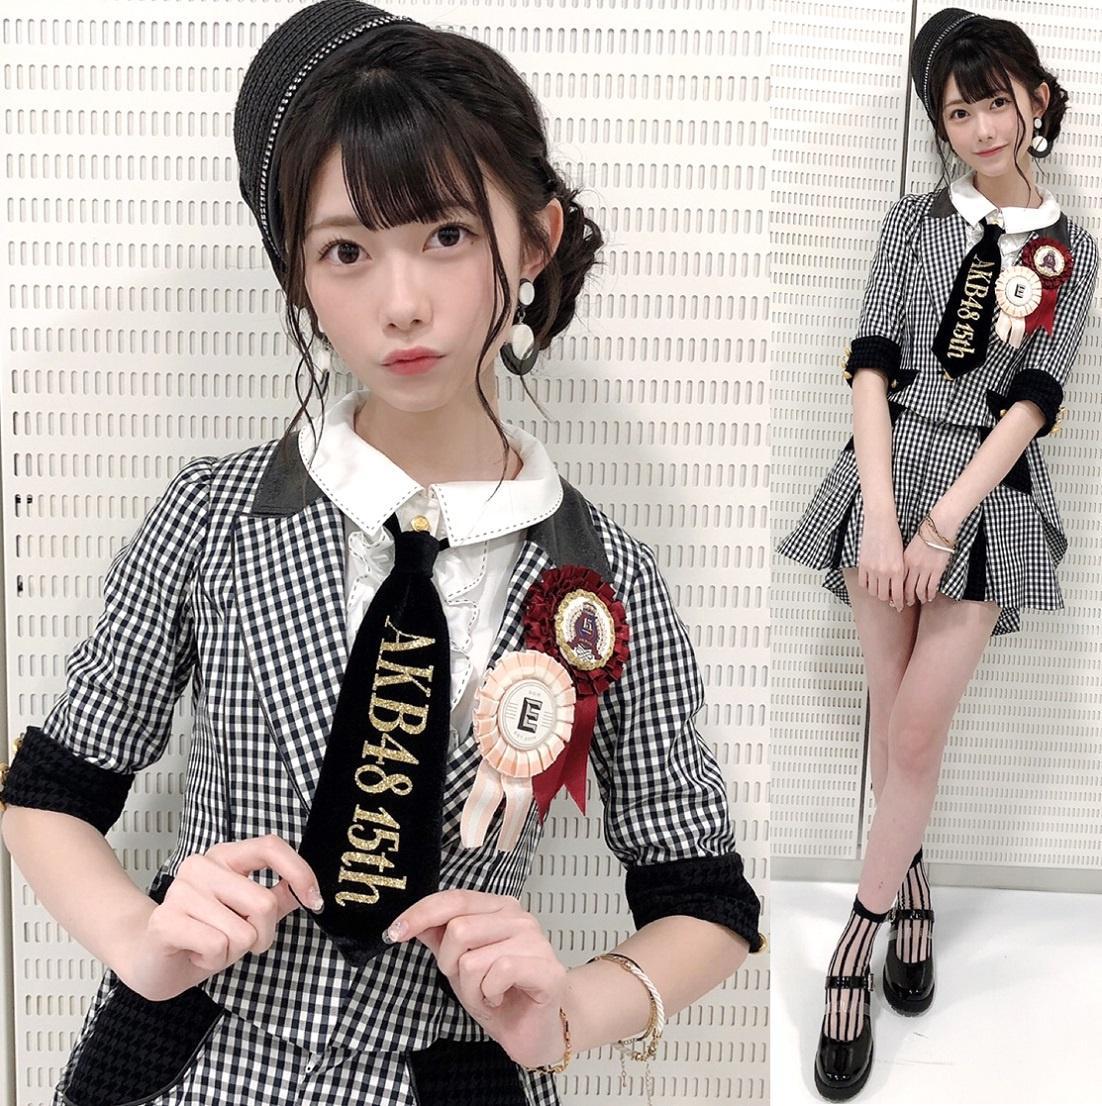 【画像】AKB48の9頭身次世代エース可愛すぎワロタwww